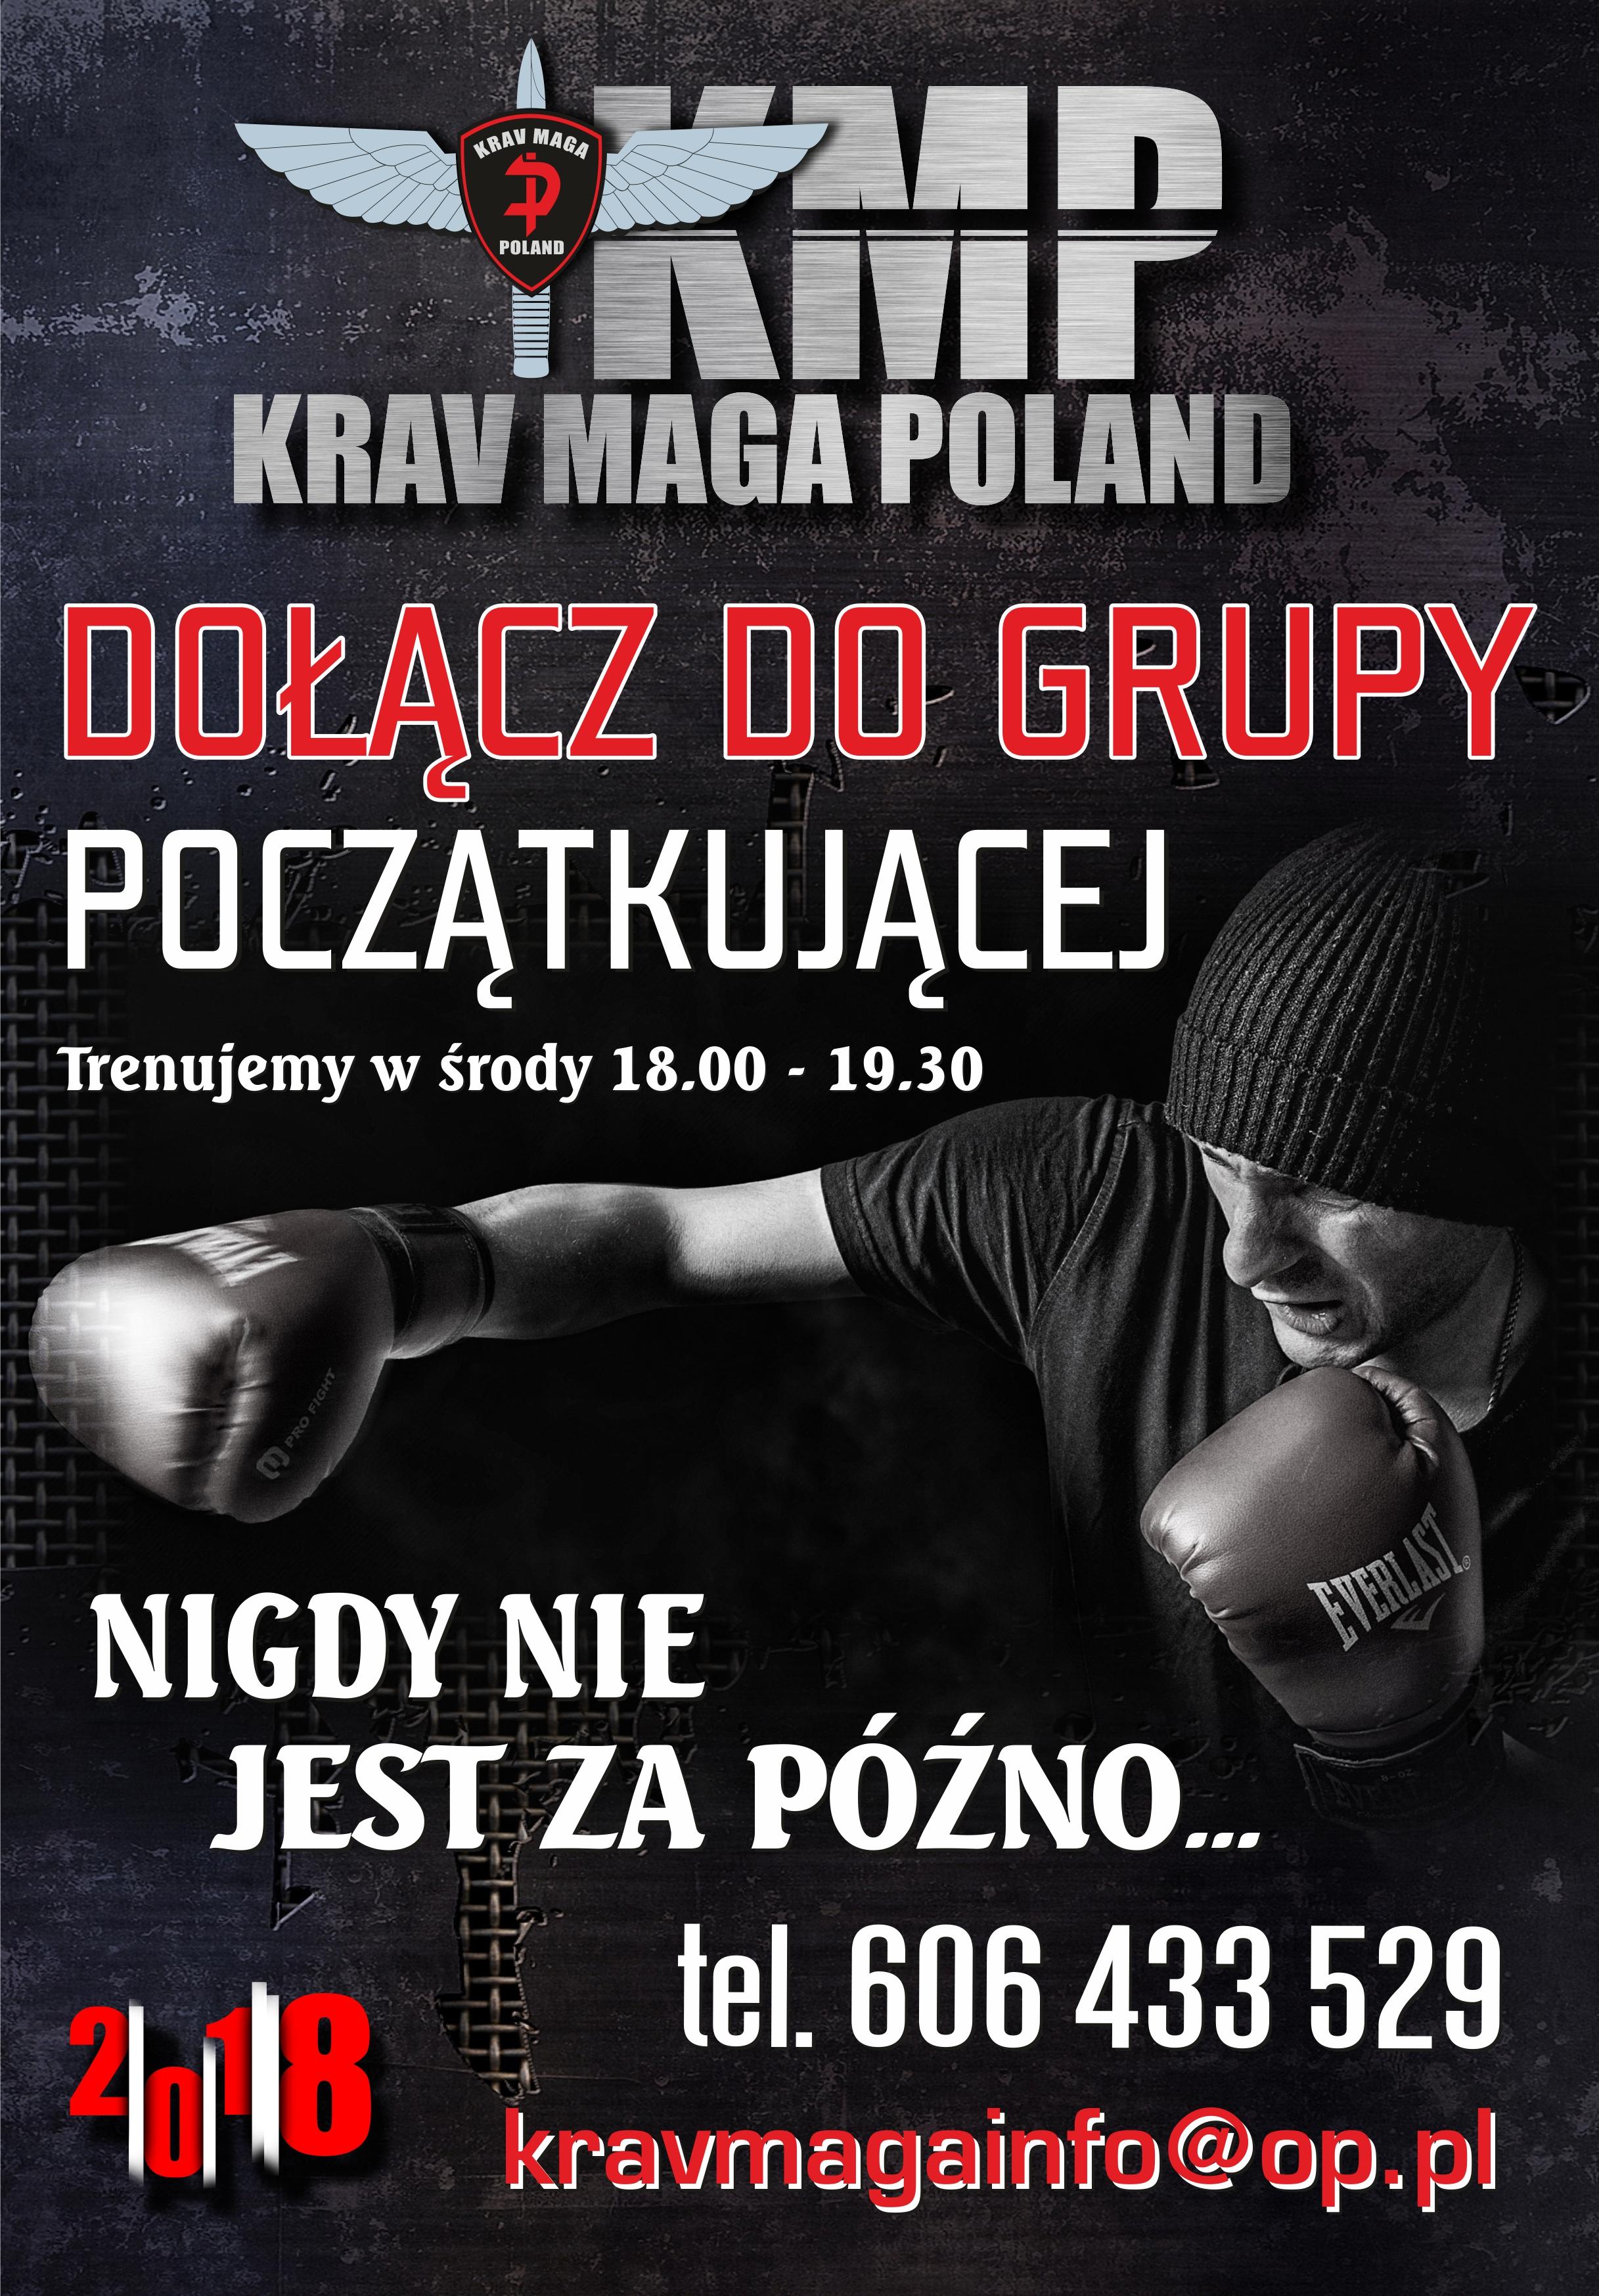 Krav Maga Poland, sekcja Rzeszów - zapisy do nowej grupy